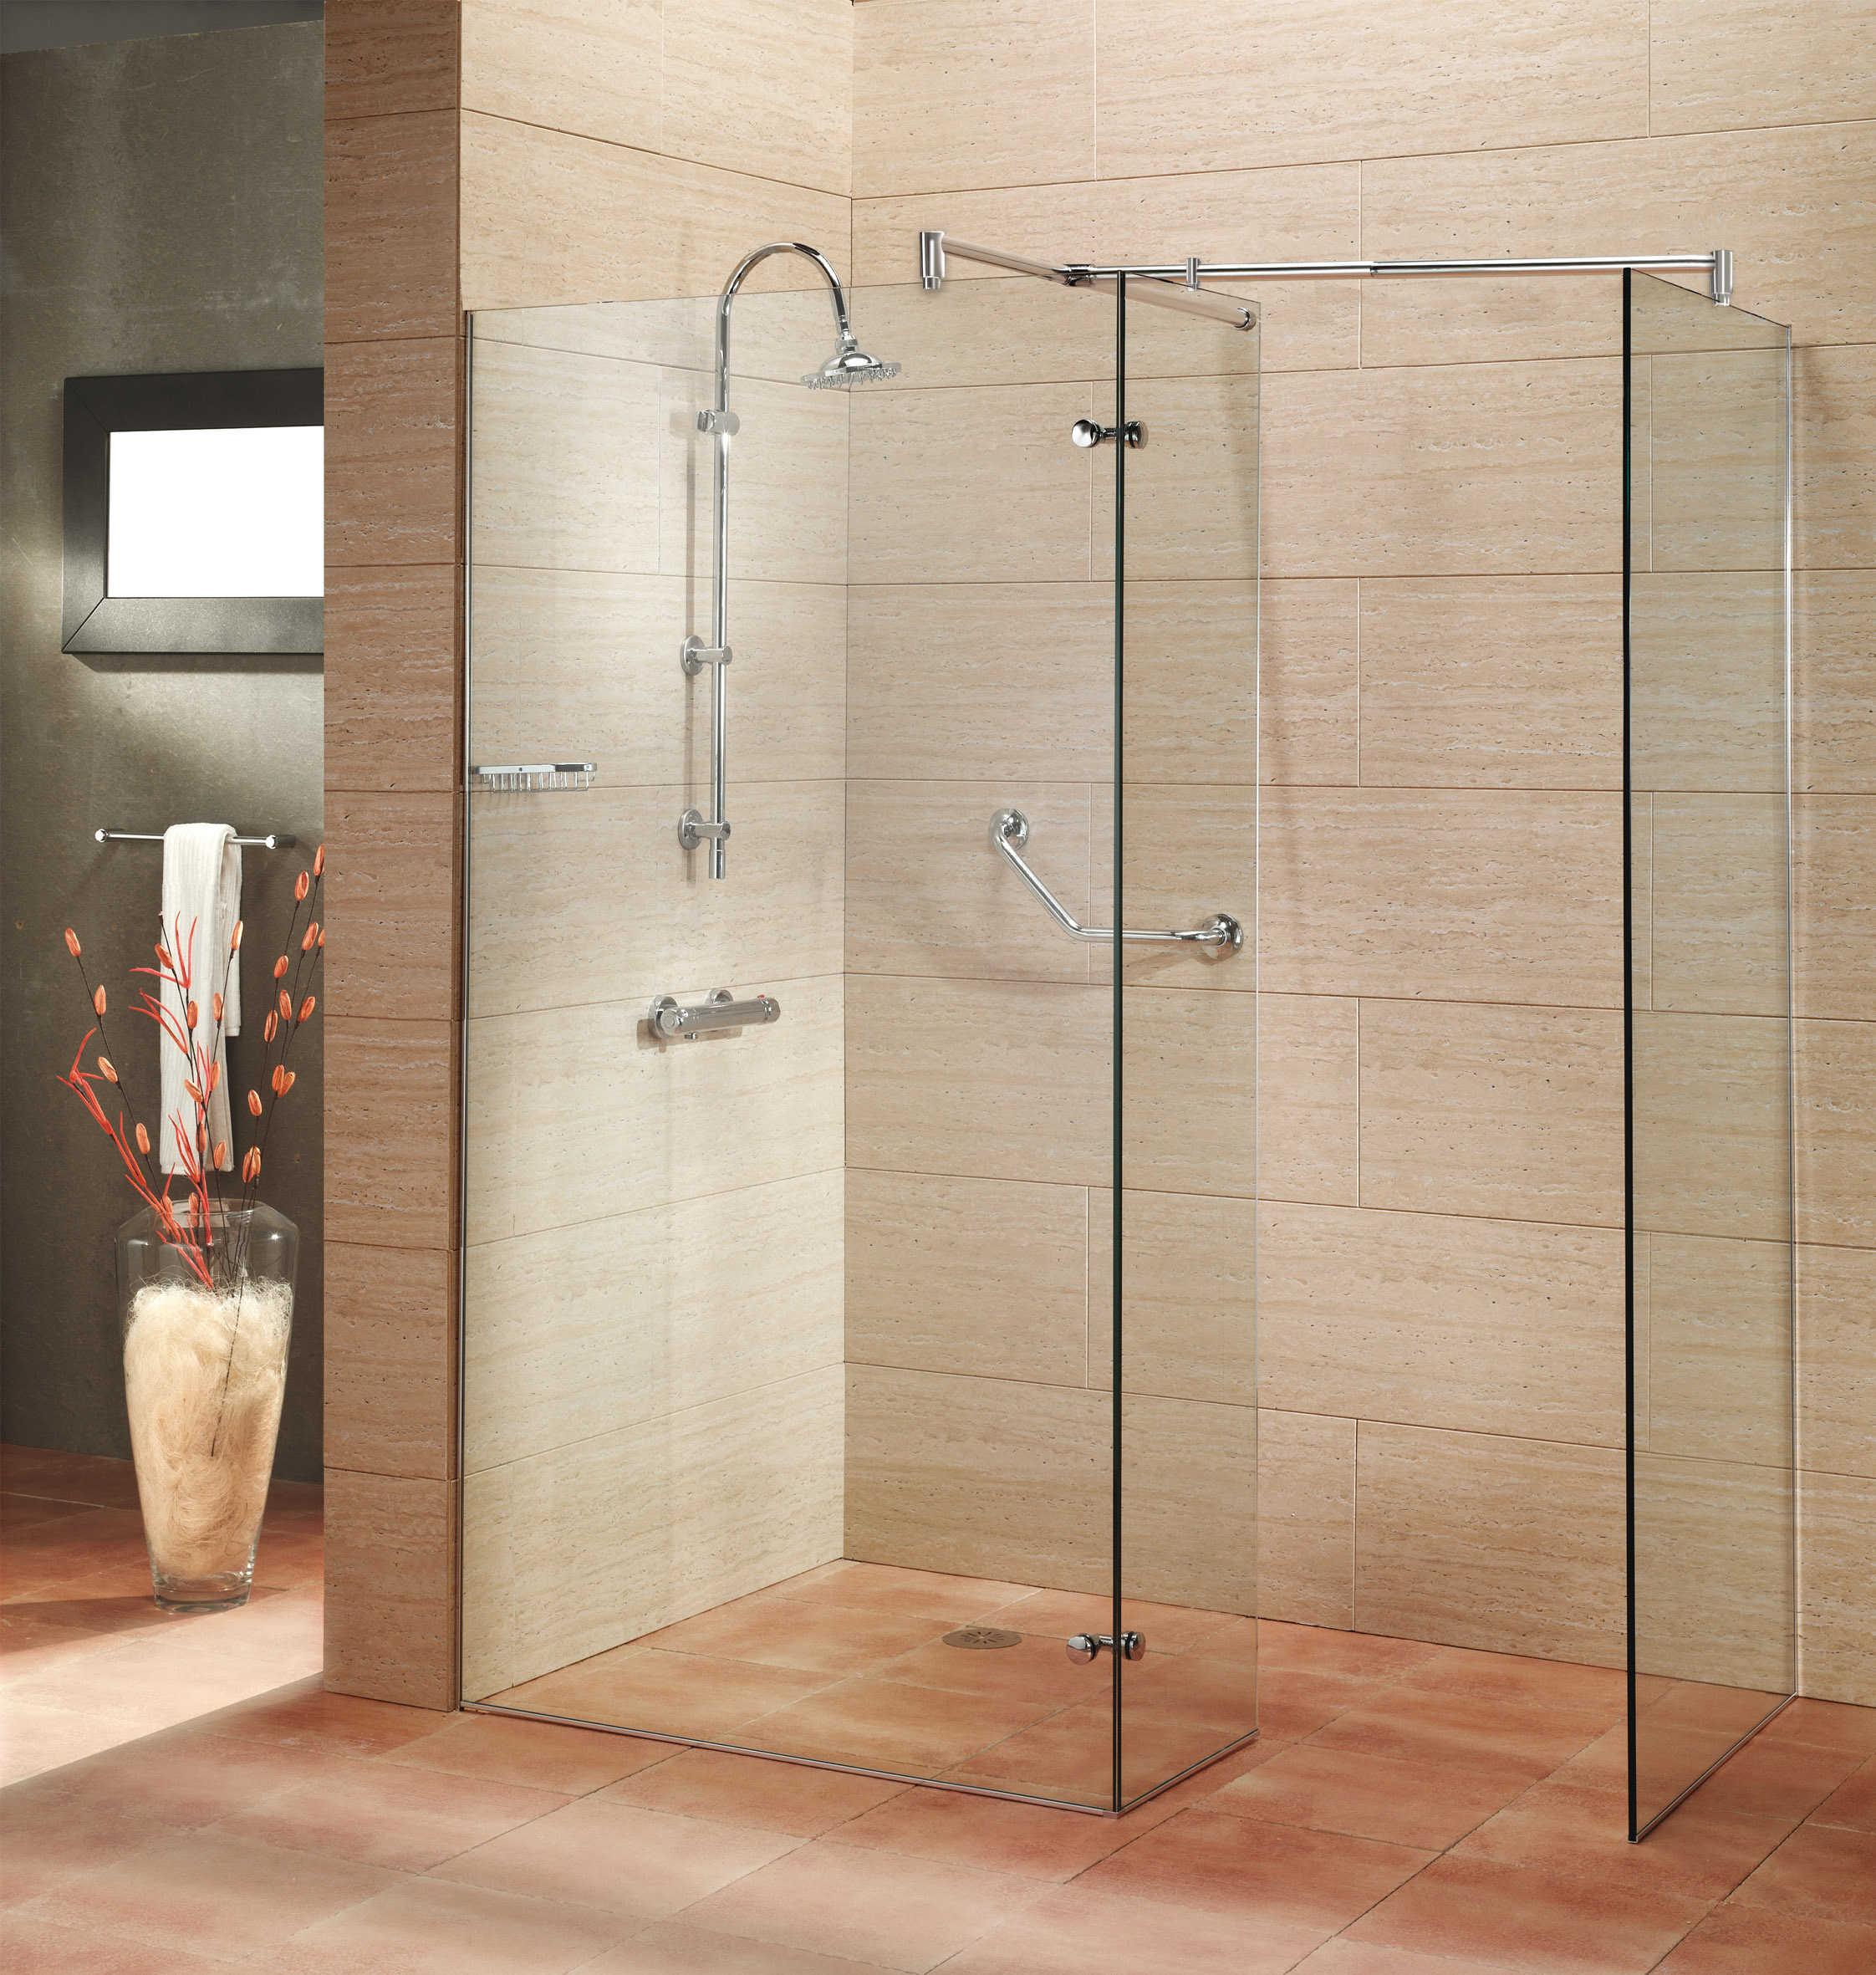 Mamparas laterales fijas muebles de cocina y ba o online for Modelos de duchas